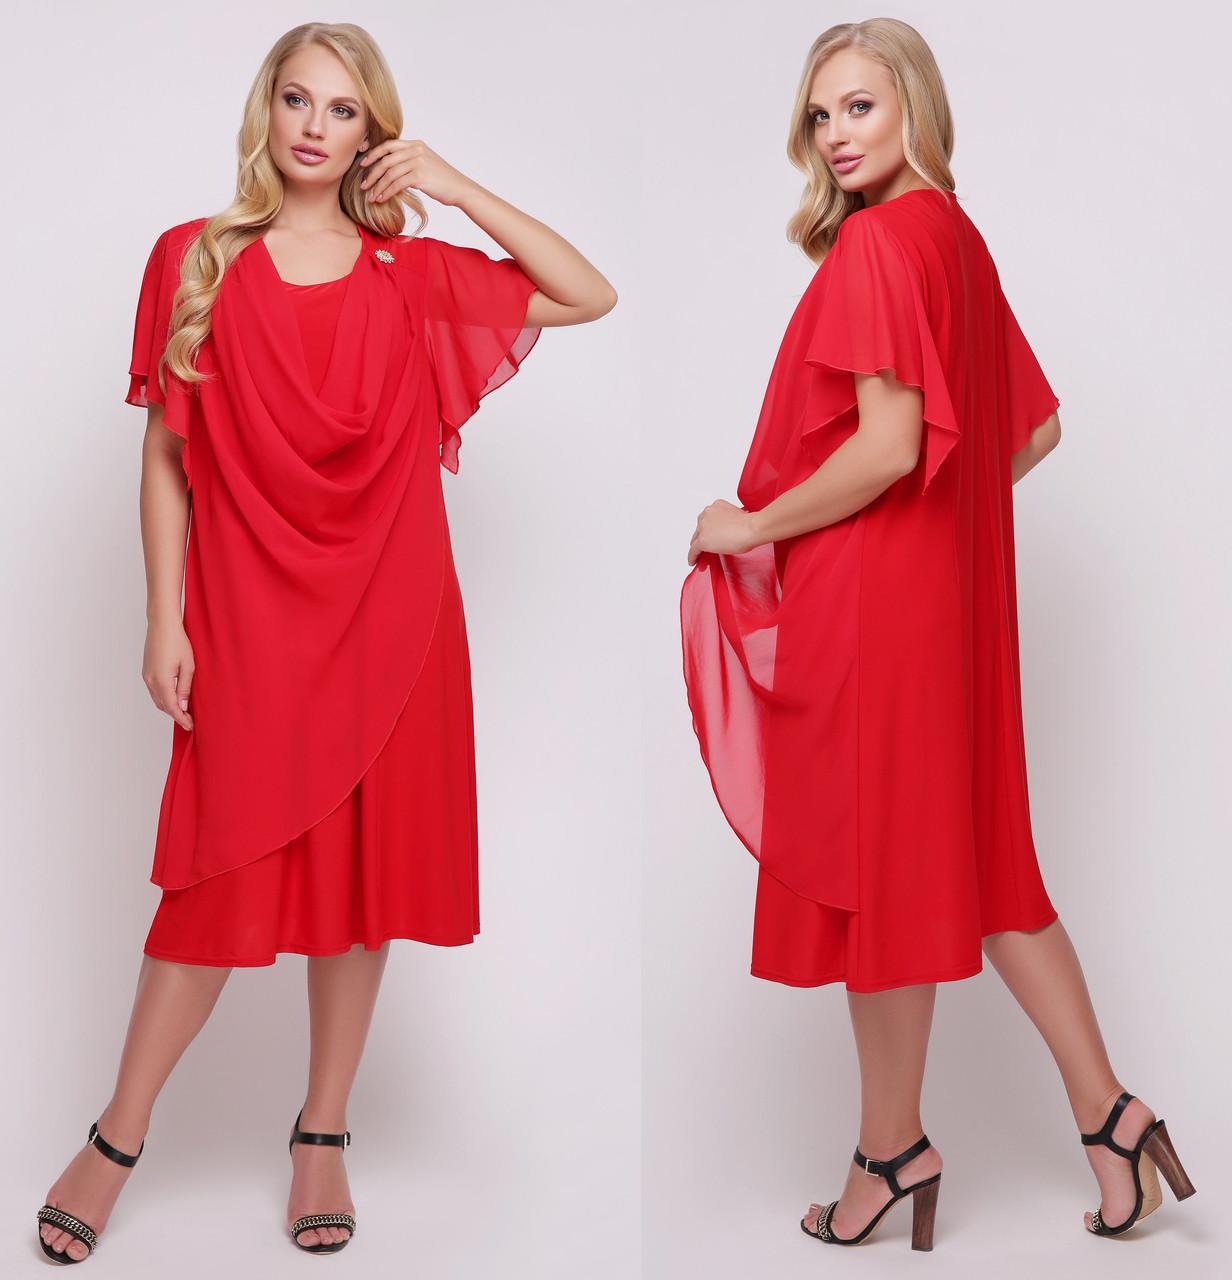 473caceb690 Шифоновое платье больших размеров женское летнее (батал) трикотаж масло с  шифоном